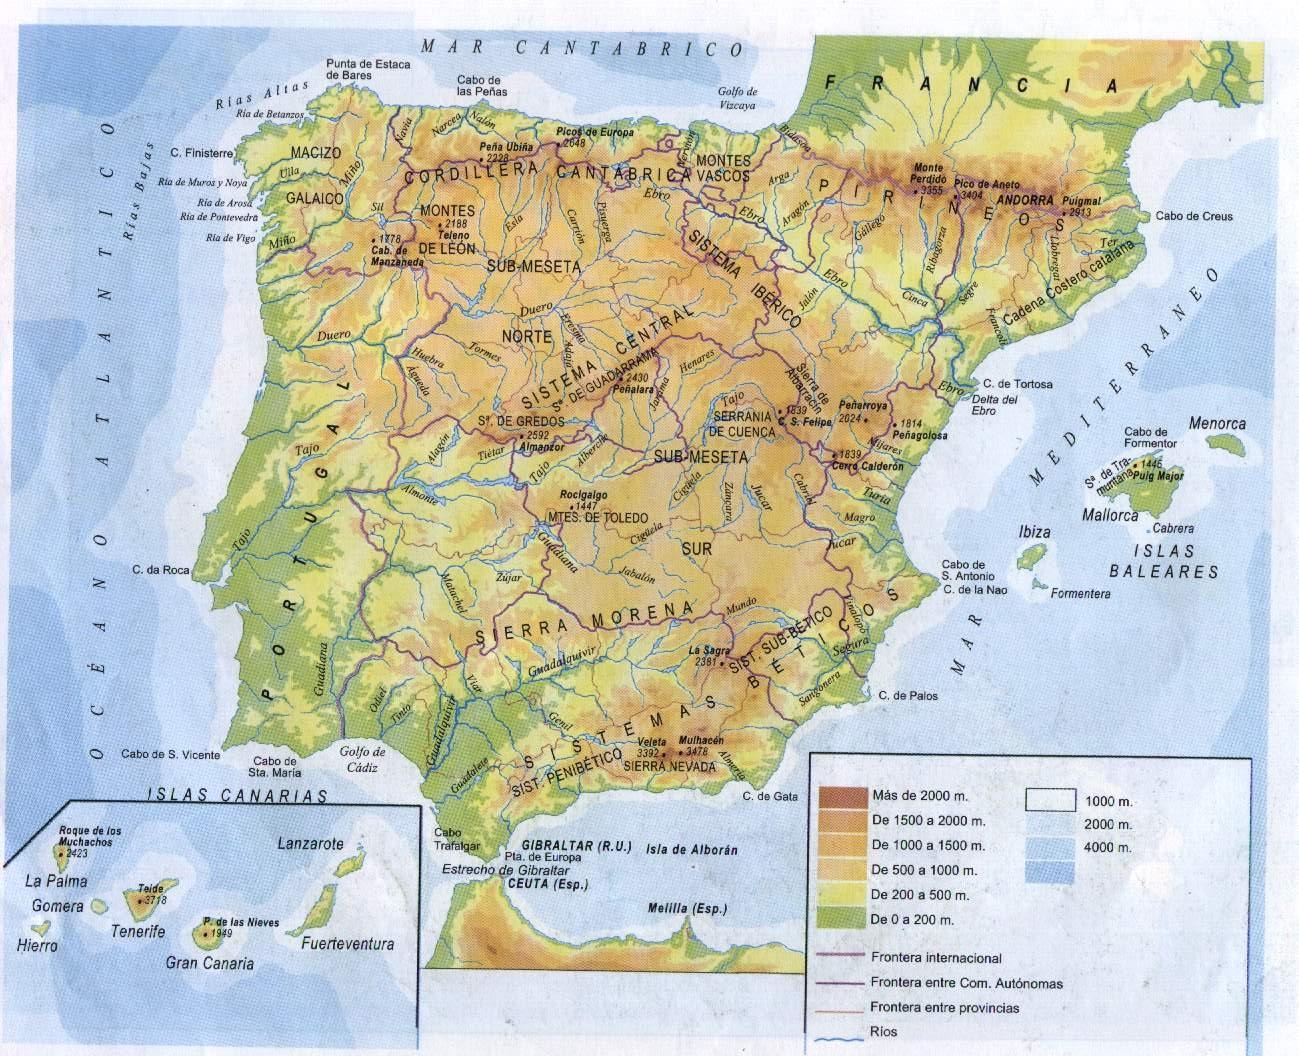 http://www.zonu.com/images/0X0/2009-12-02-11304/Mapa-Fisico-de-Espana.jpg